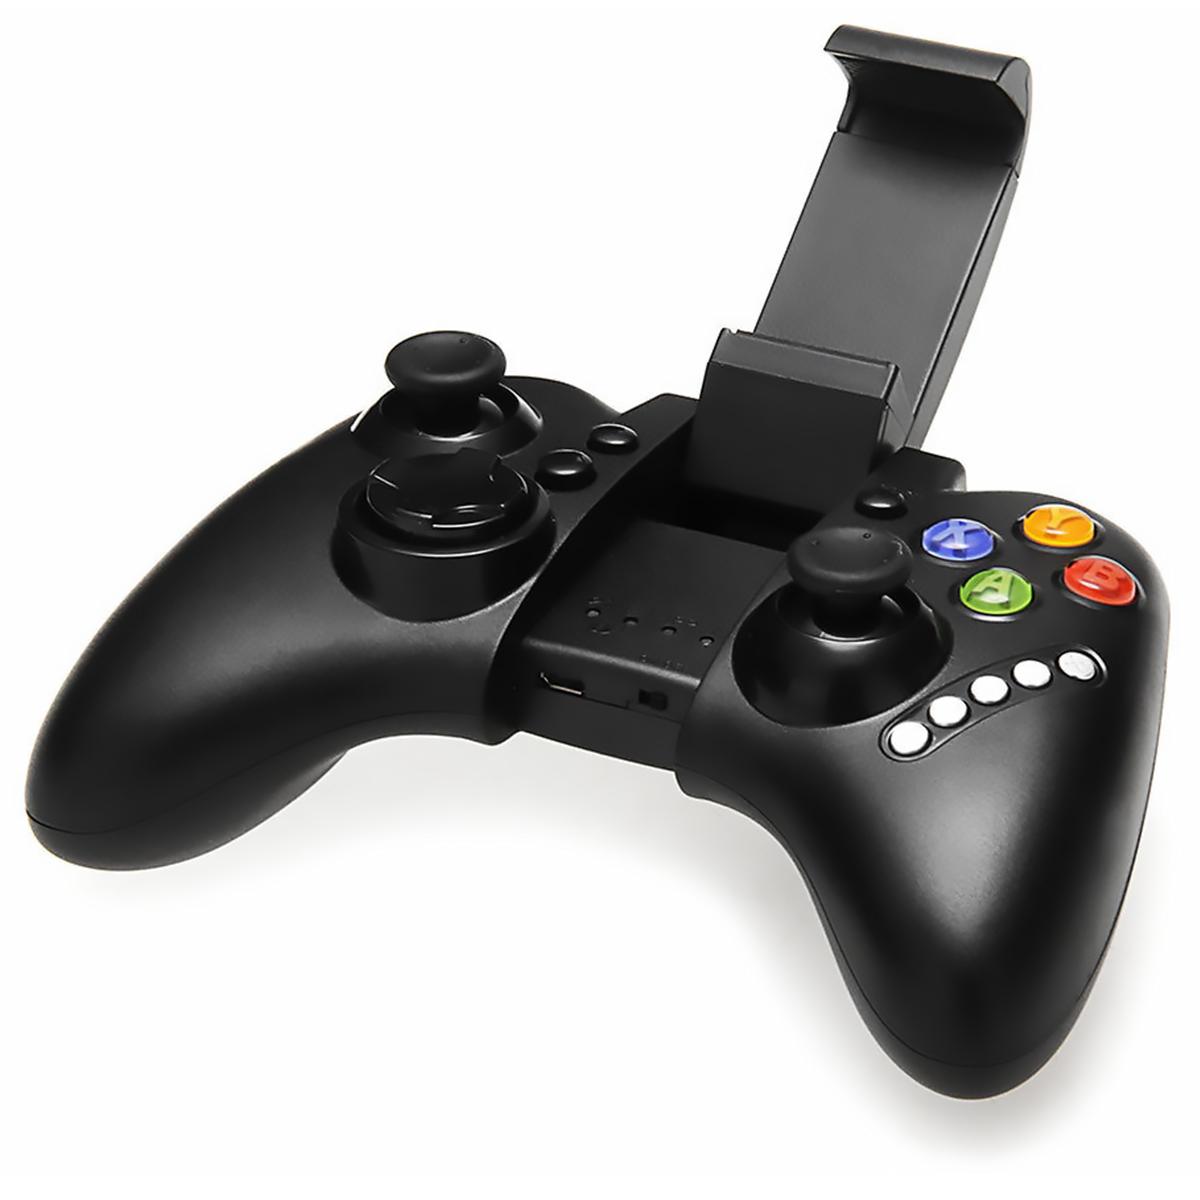 Беспроводной геймпад/джойстик IPEGA PG-9021 для Android/Windows/iOS